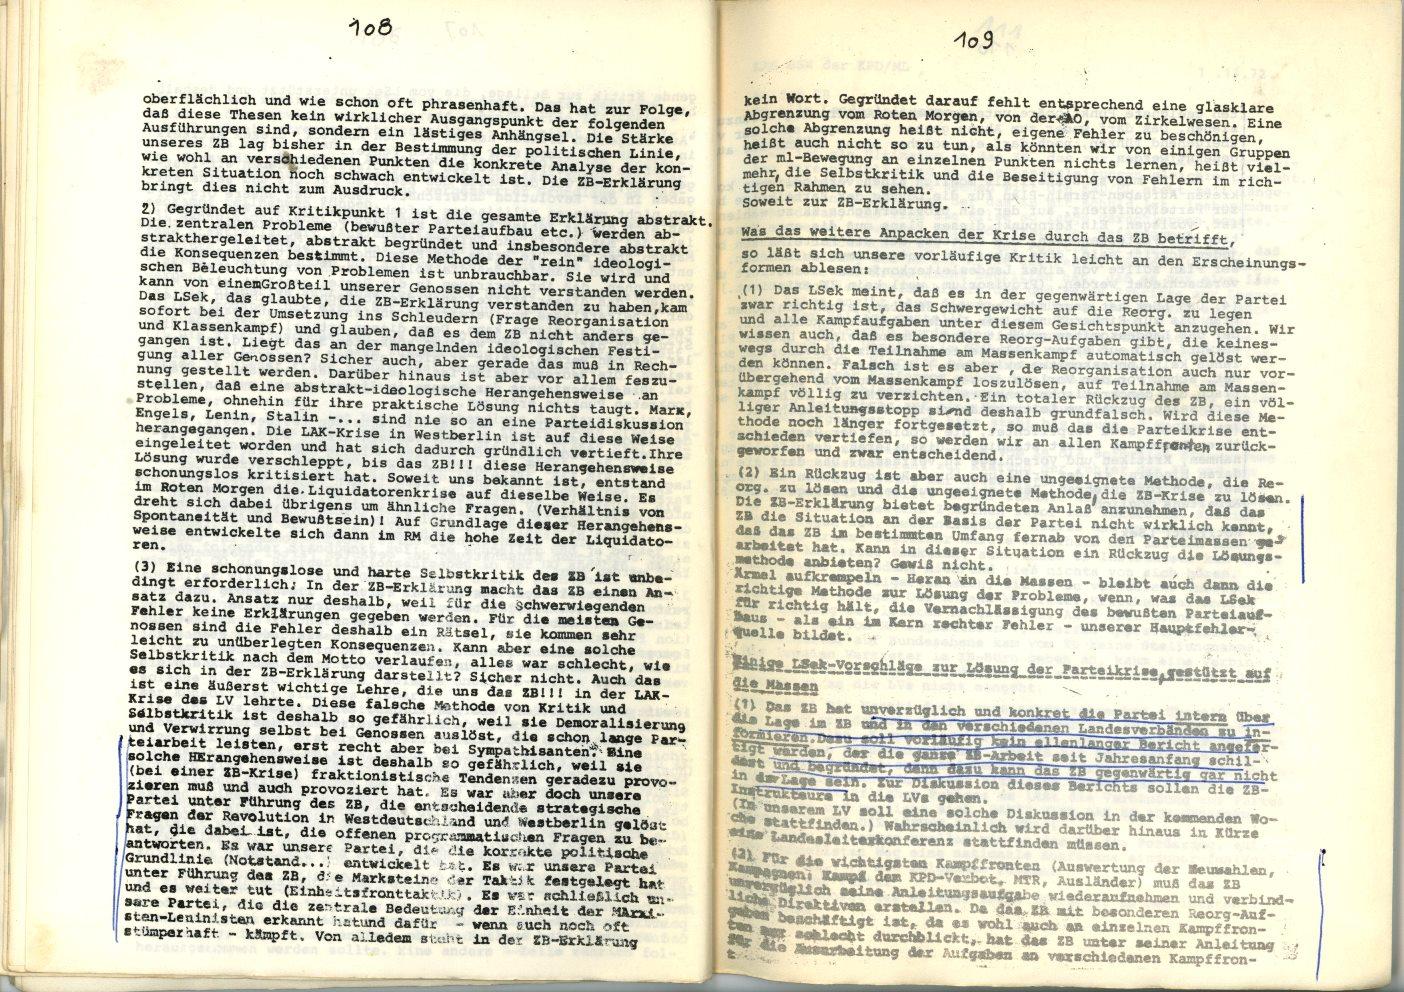 ZB_1972_Diskussionsorgan_zur_ersten_Parteikonferenz_60